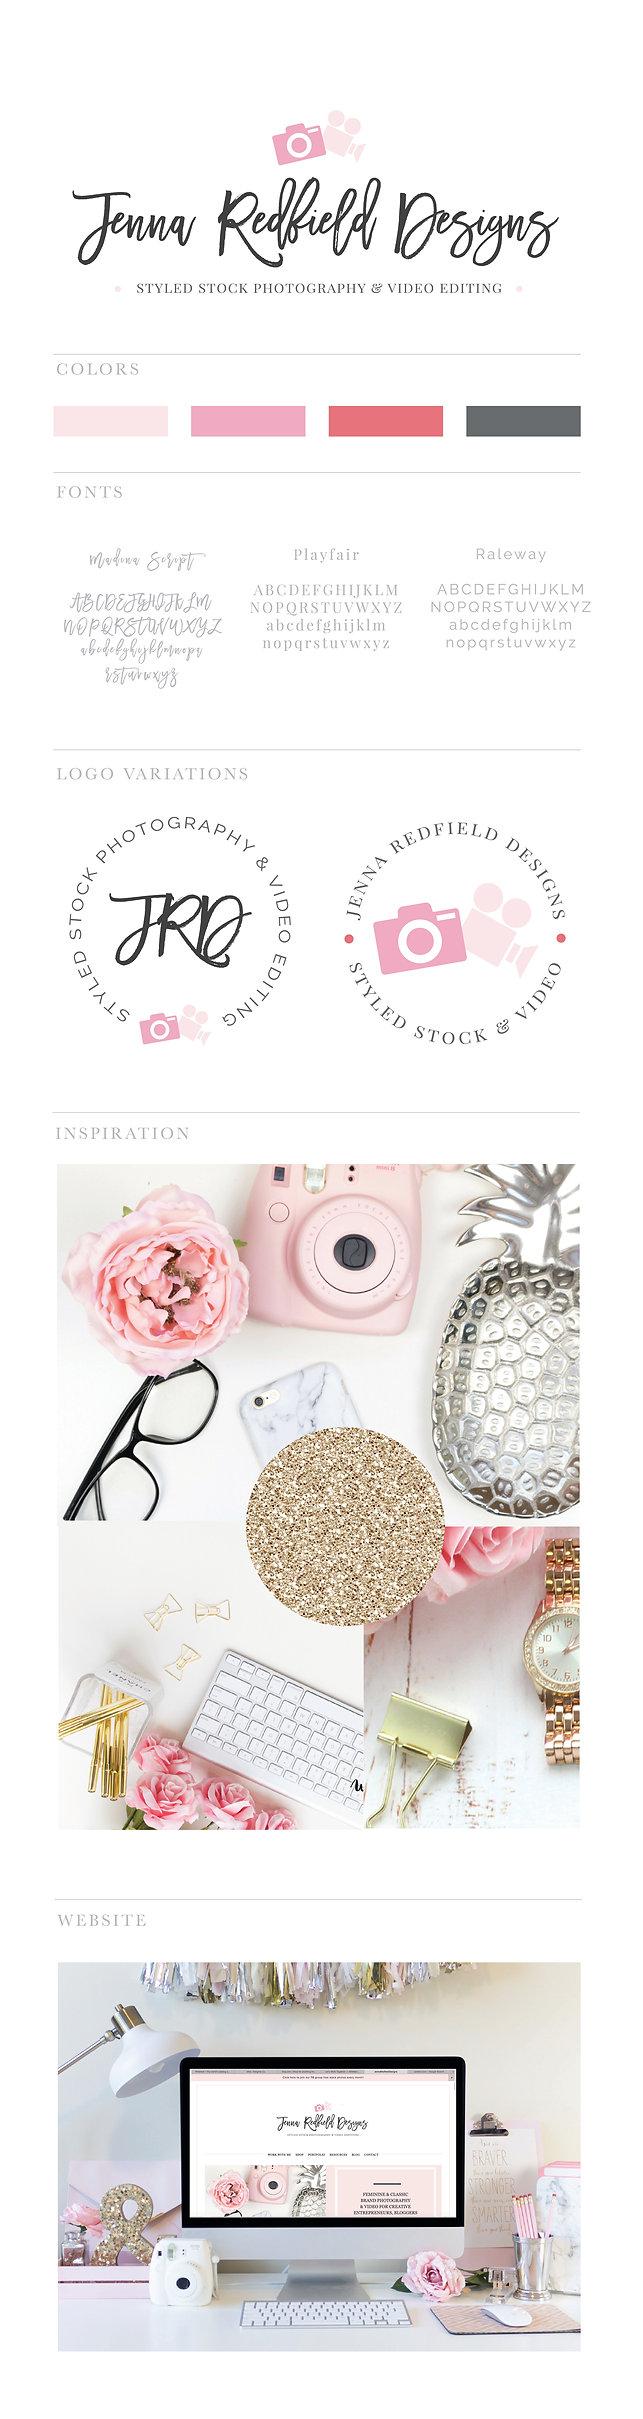 Logo Design for Jenna Redfield Designs, Branding